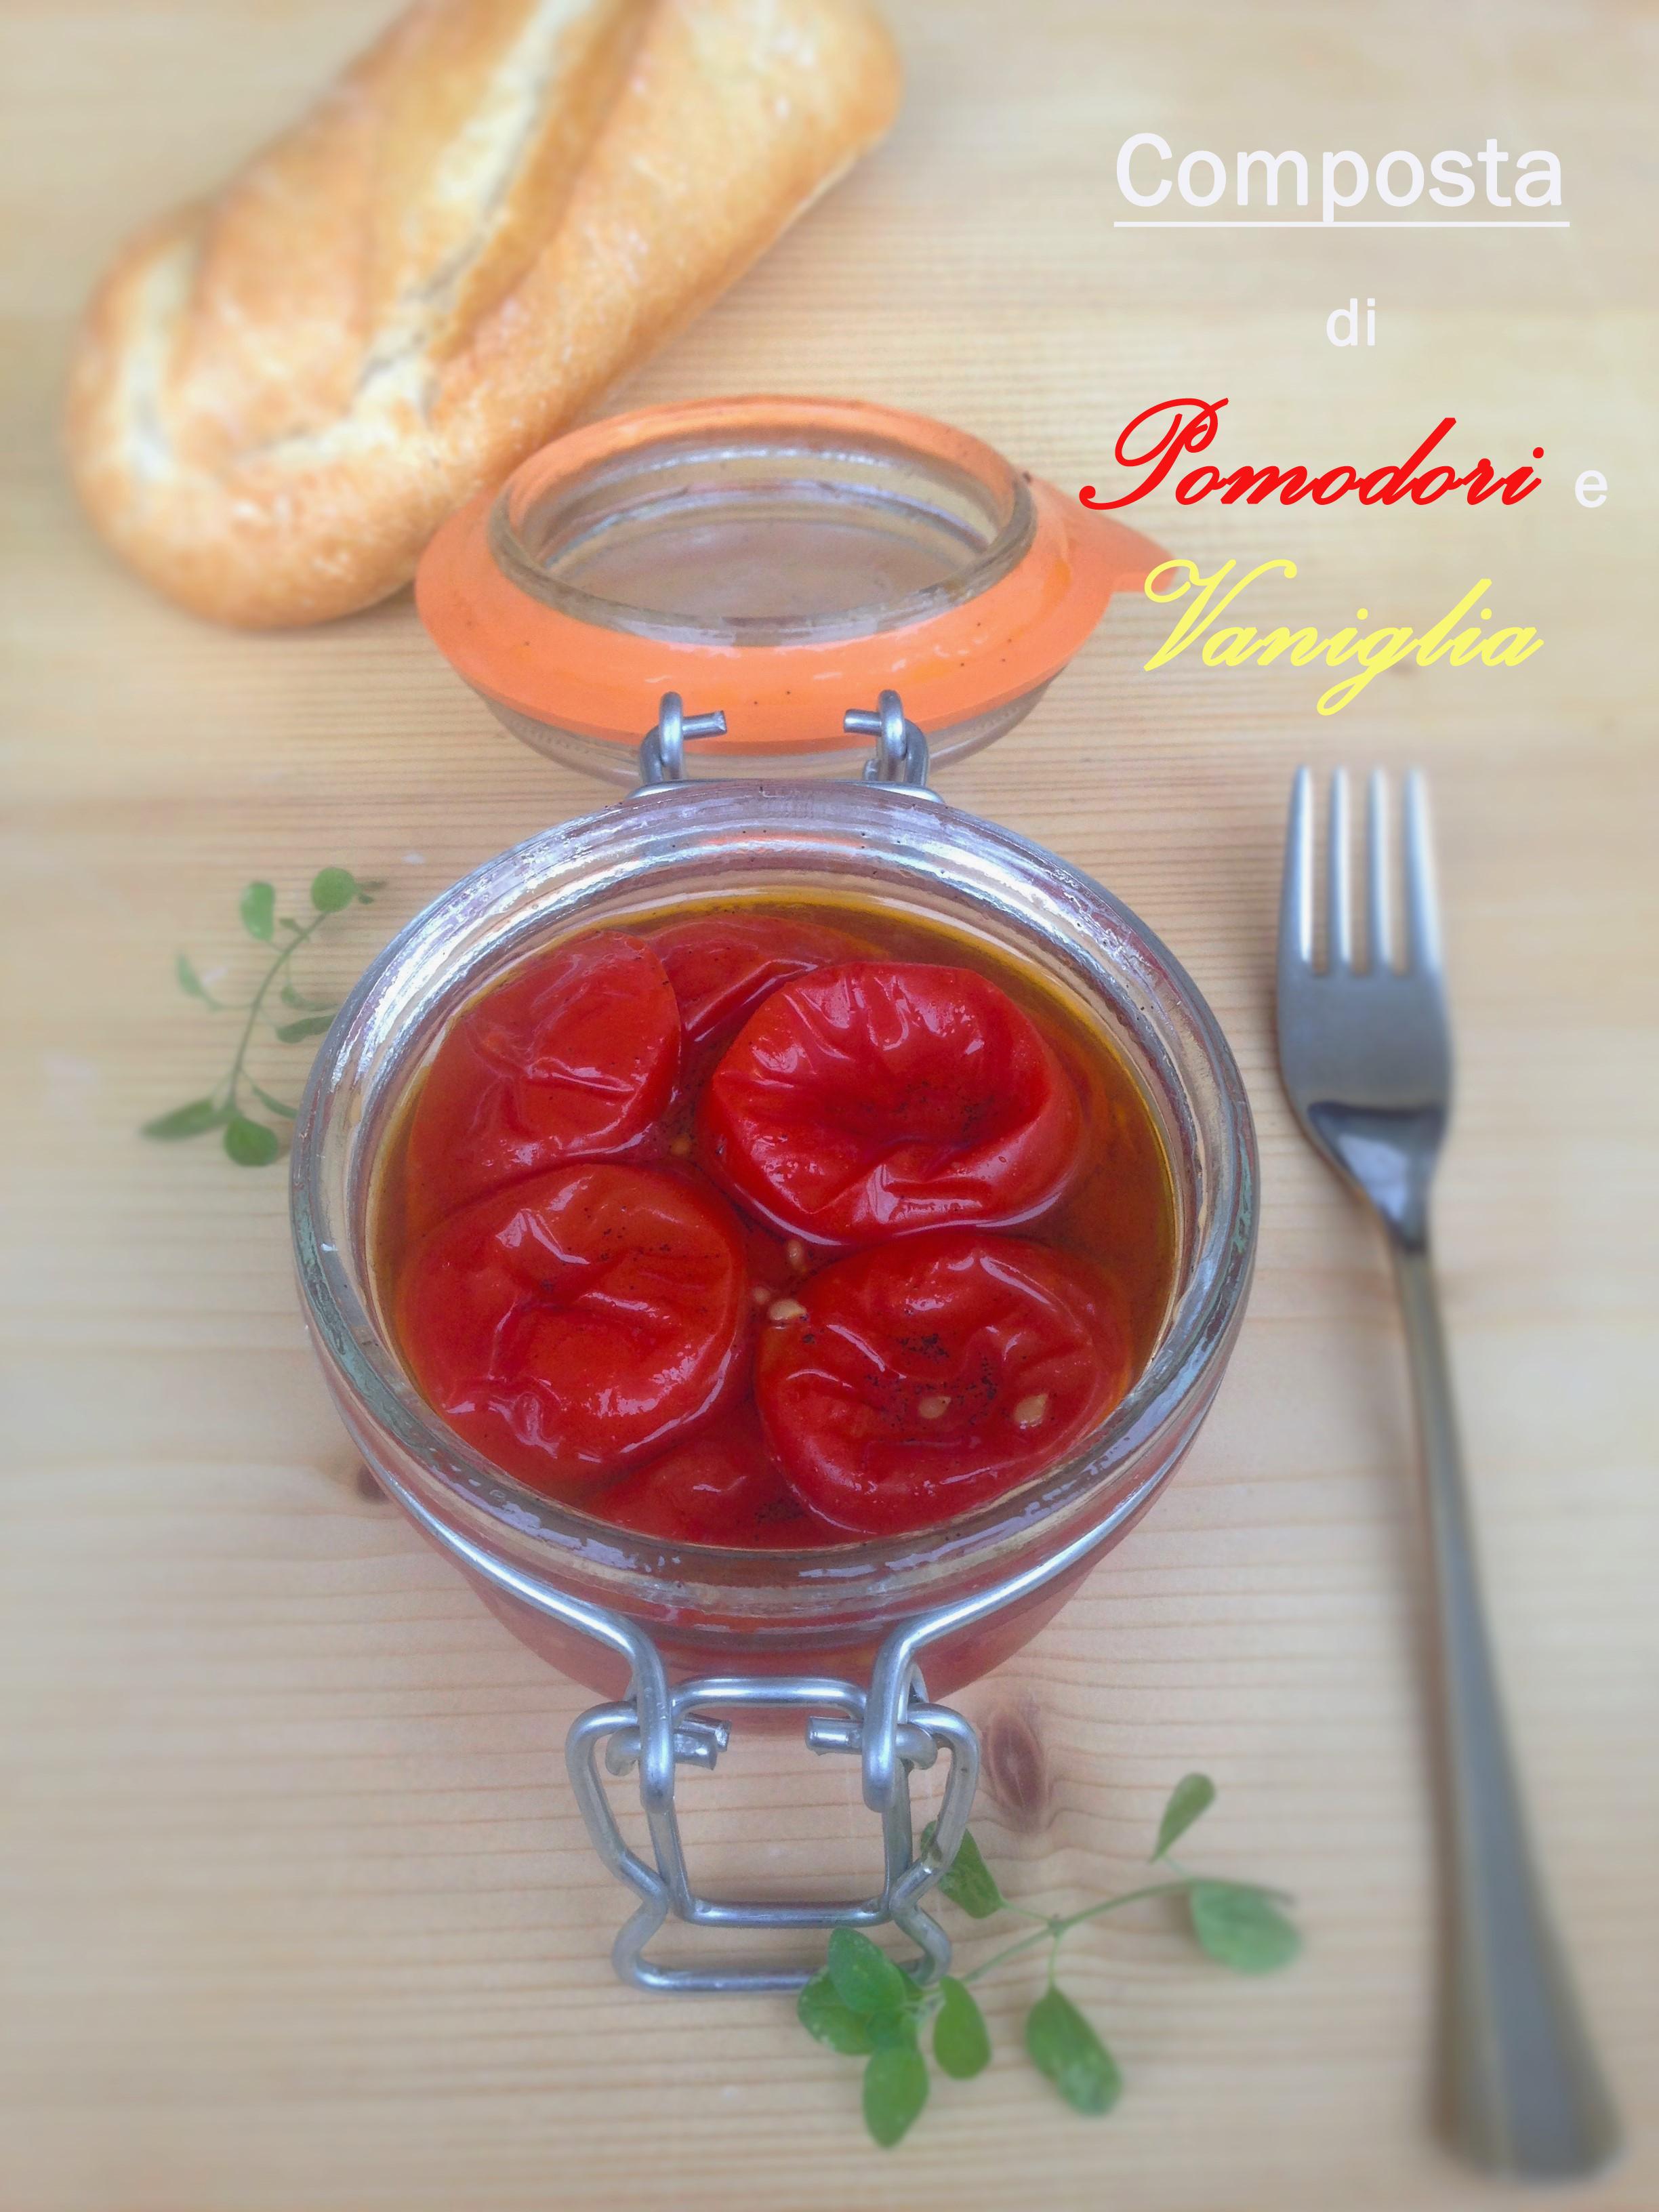 img_3972 Composta di Pomodori Ciliegia e Vaniglia